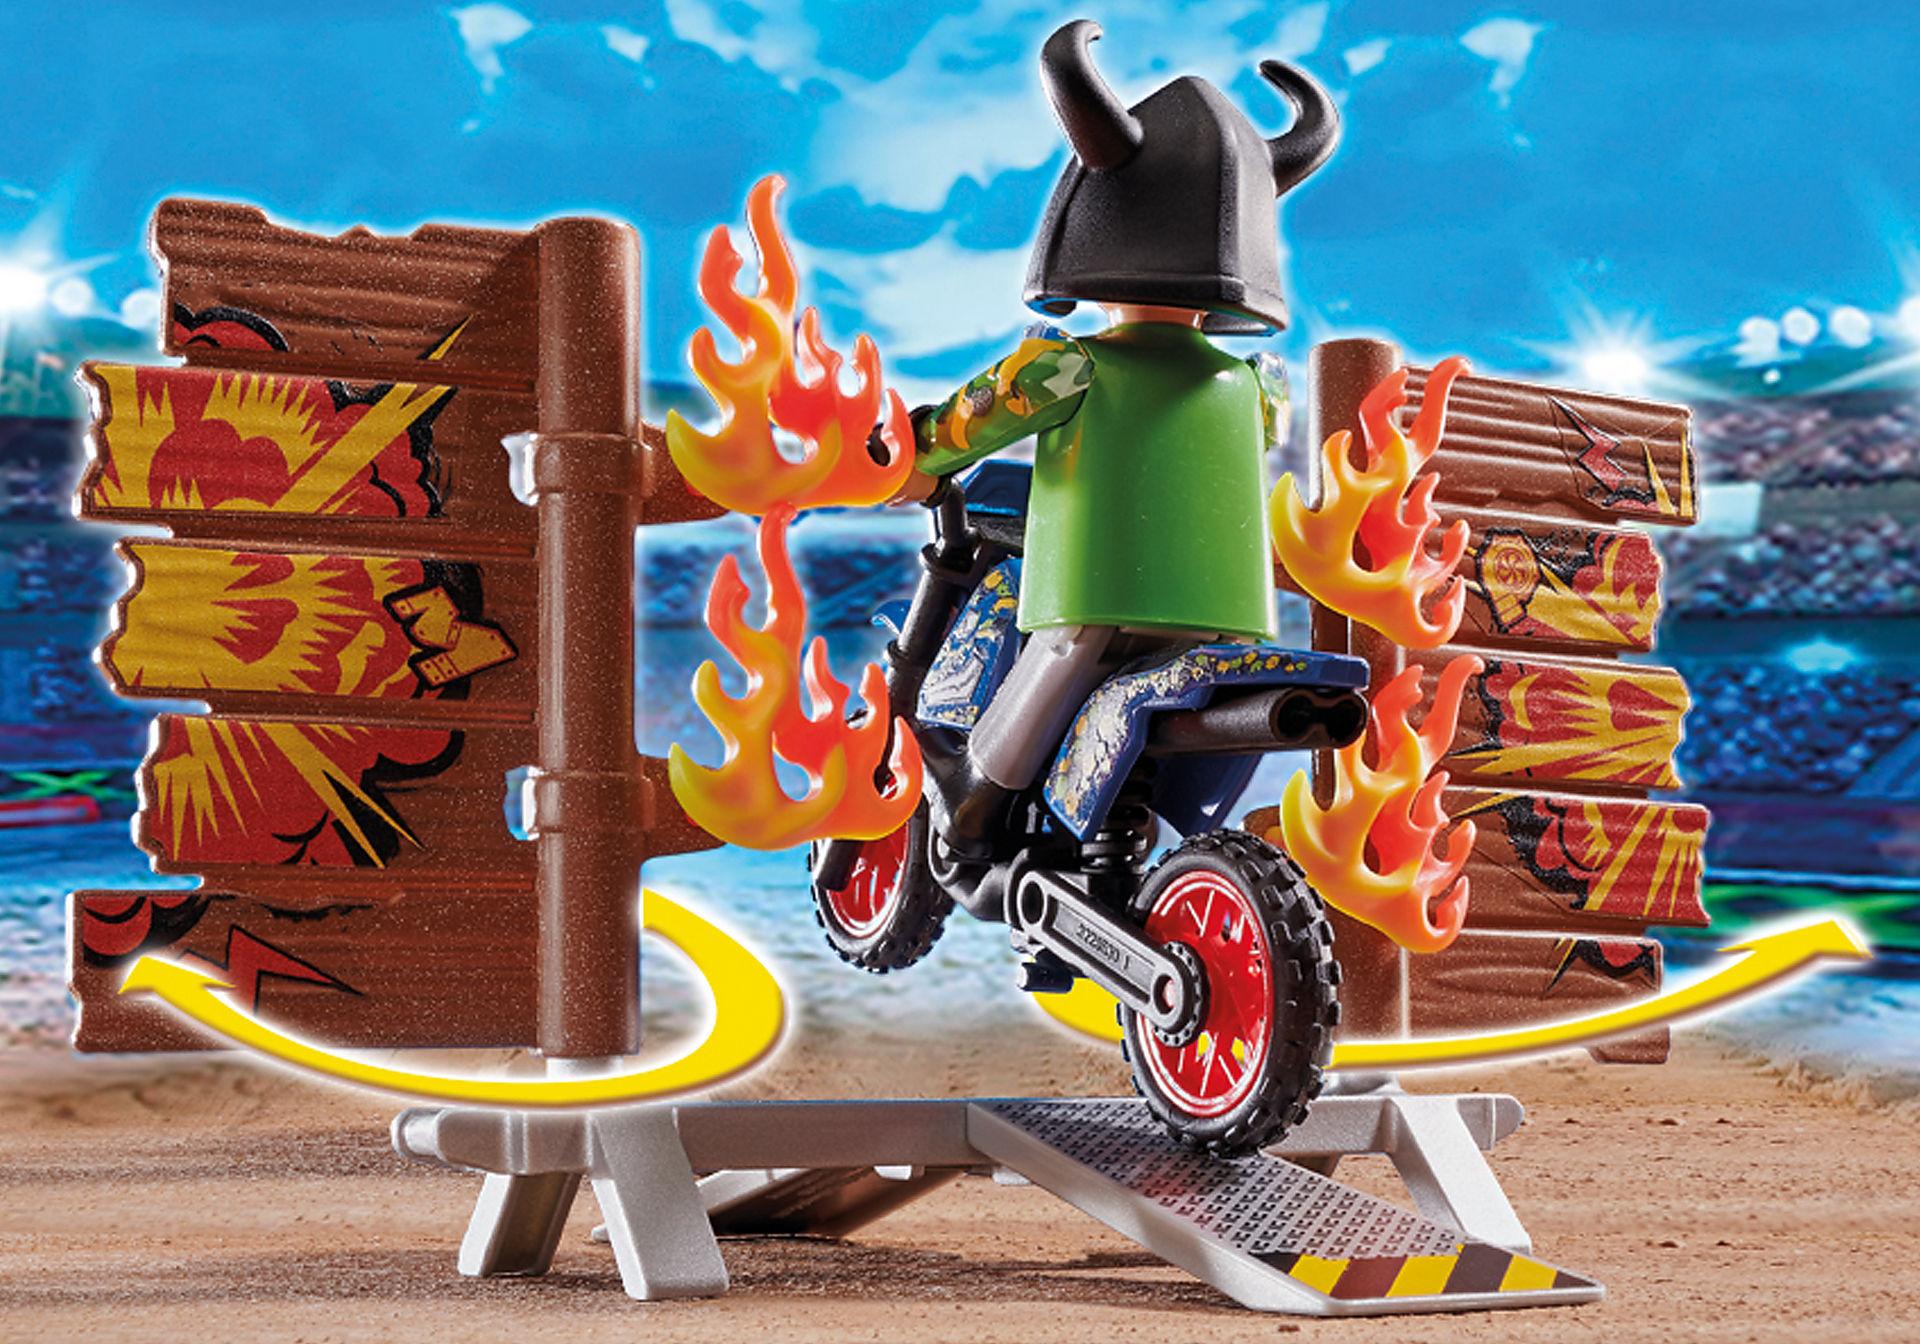 70553 Stuntshow Moto con muro de fuego zoom image4